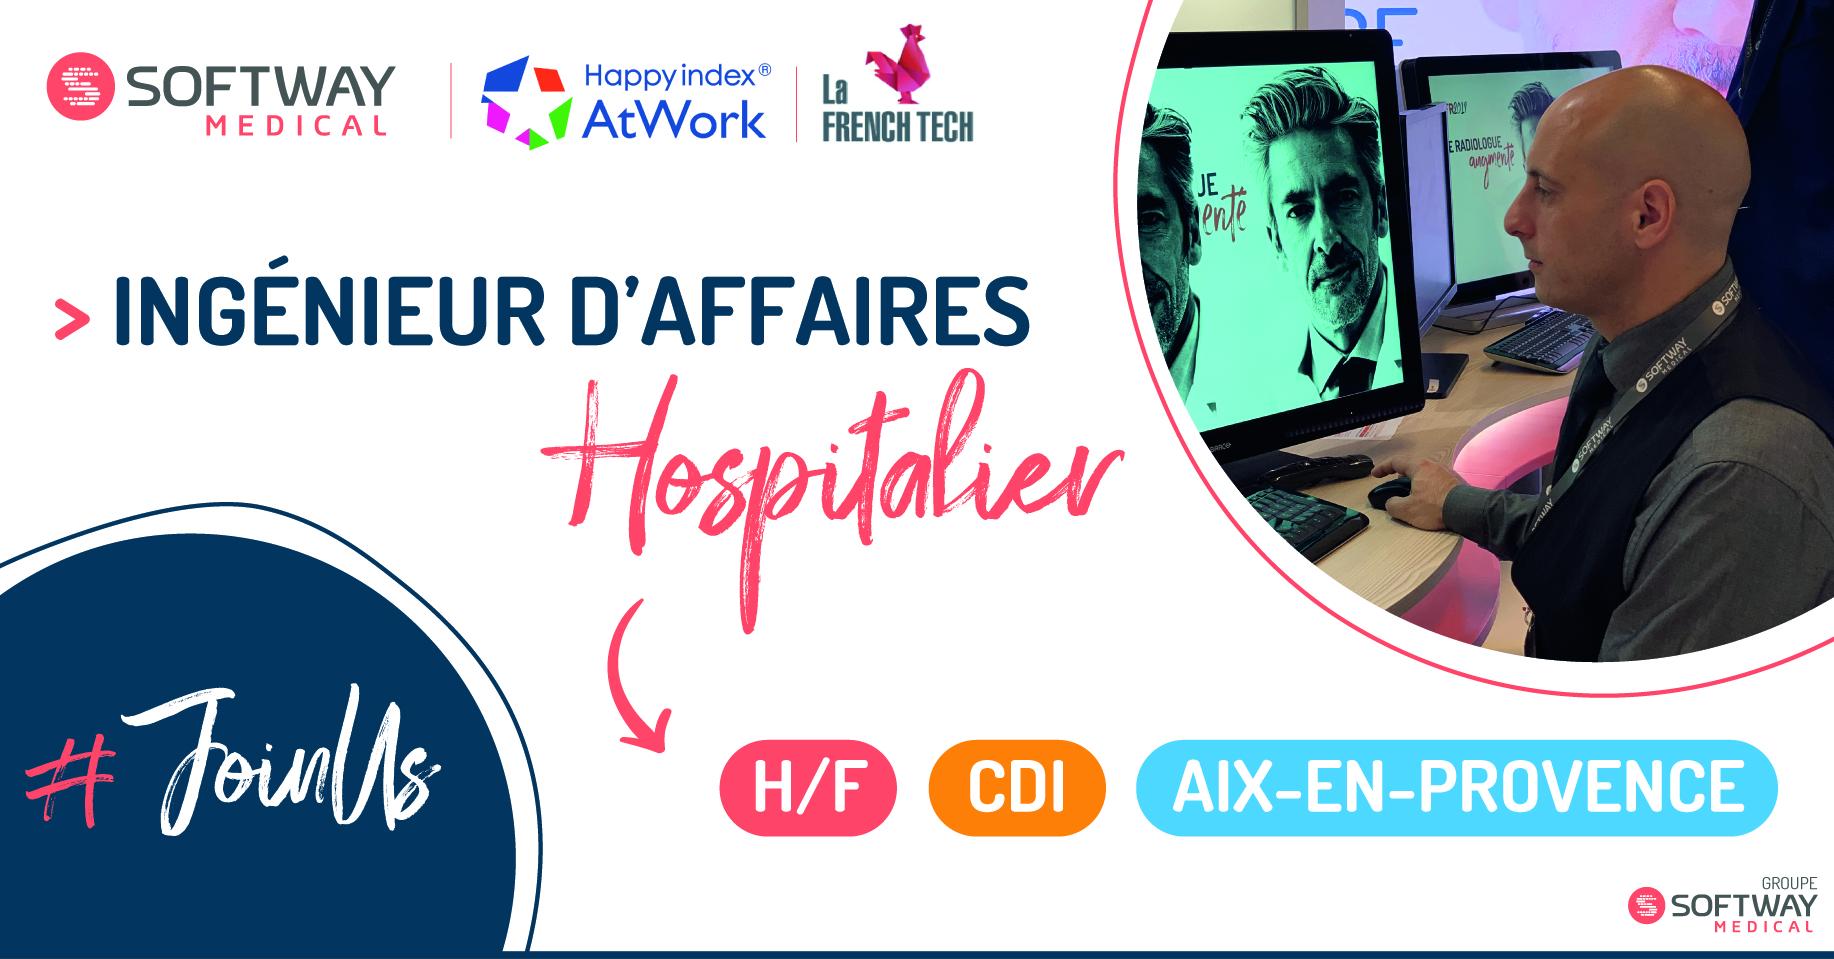 INGENIEUR D'AFFAIRES SANTE PUBLIC – H/F – Aix-En-Provence